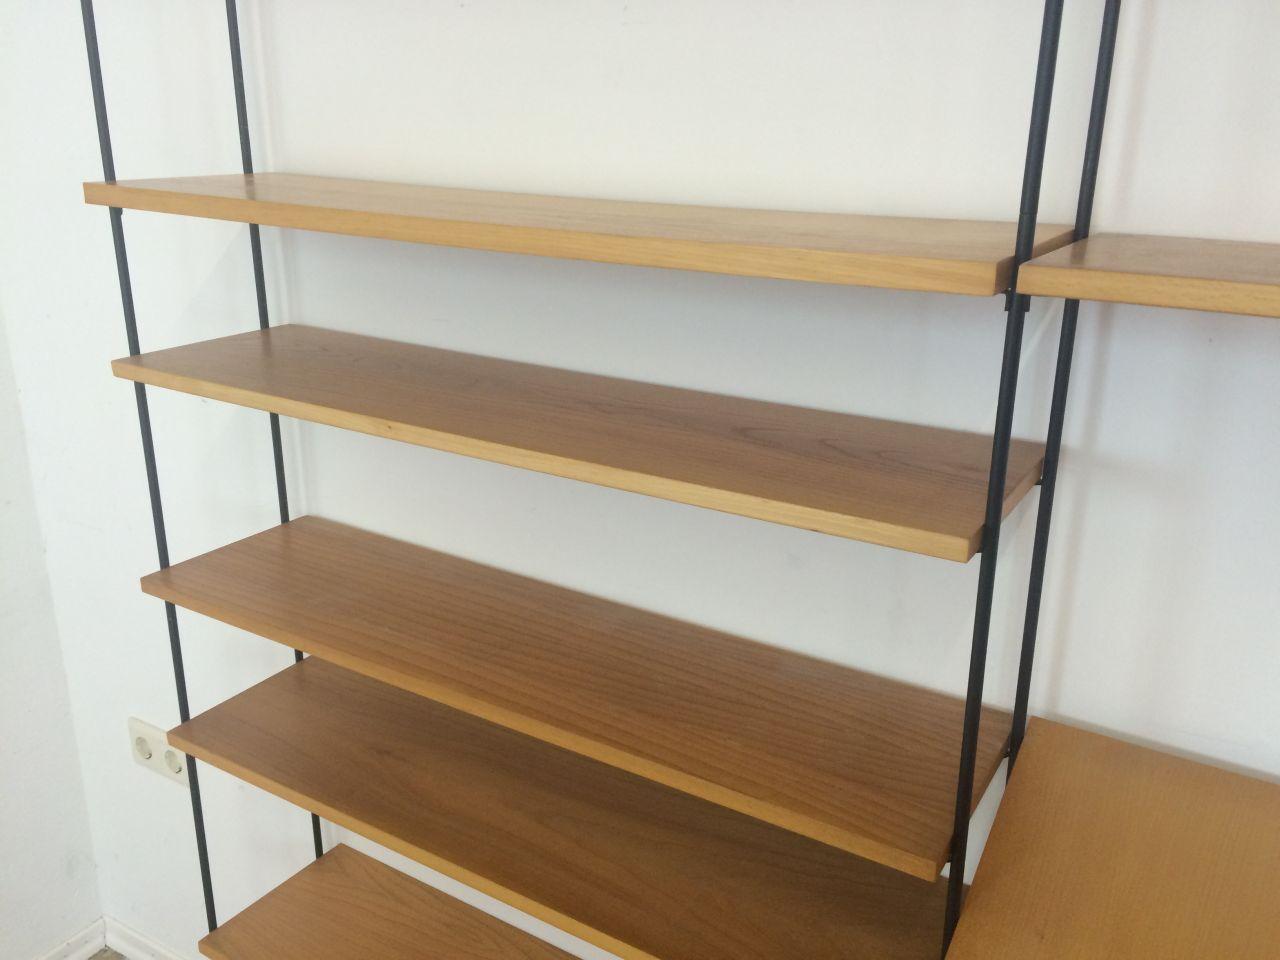 60er 70er jahre omnia regal wandregal wall unit string. Black Bedroom Furniture Sets. Home Design Ideas